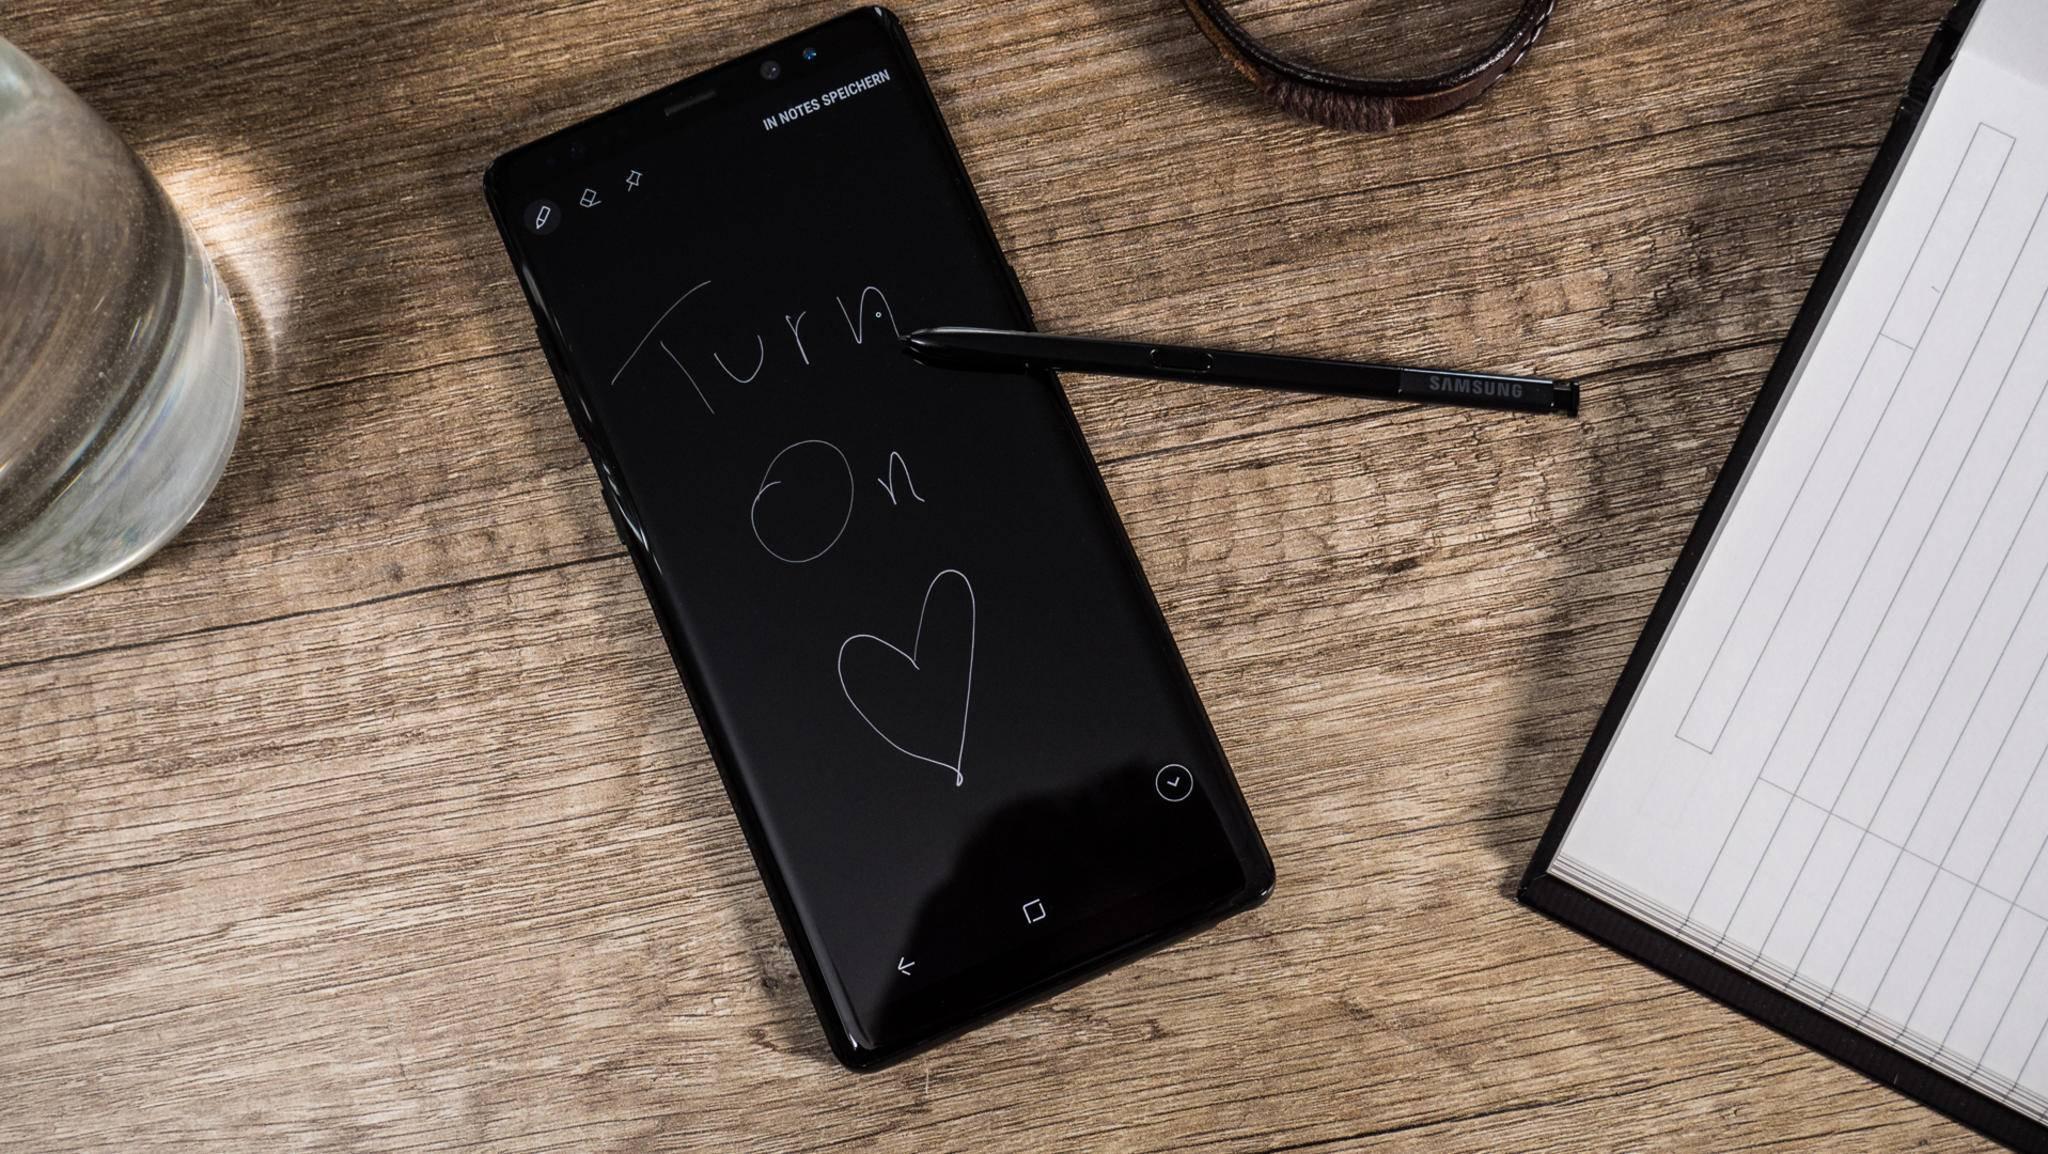 Das Samsung Galaxy Note 8 hat viele Stärken und wenige Schwächen.